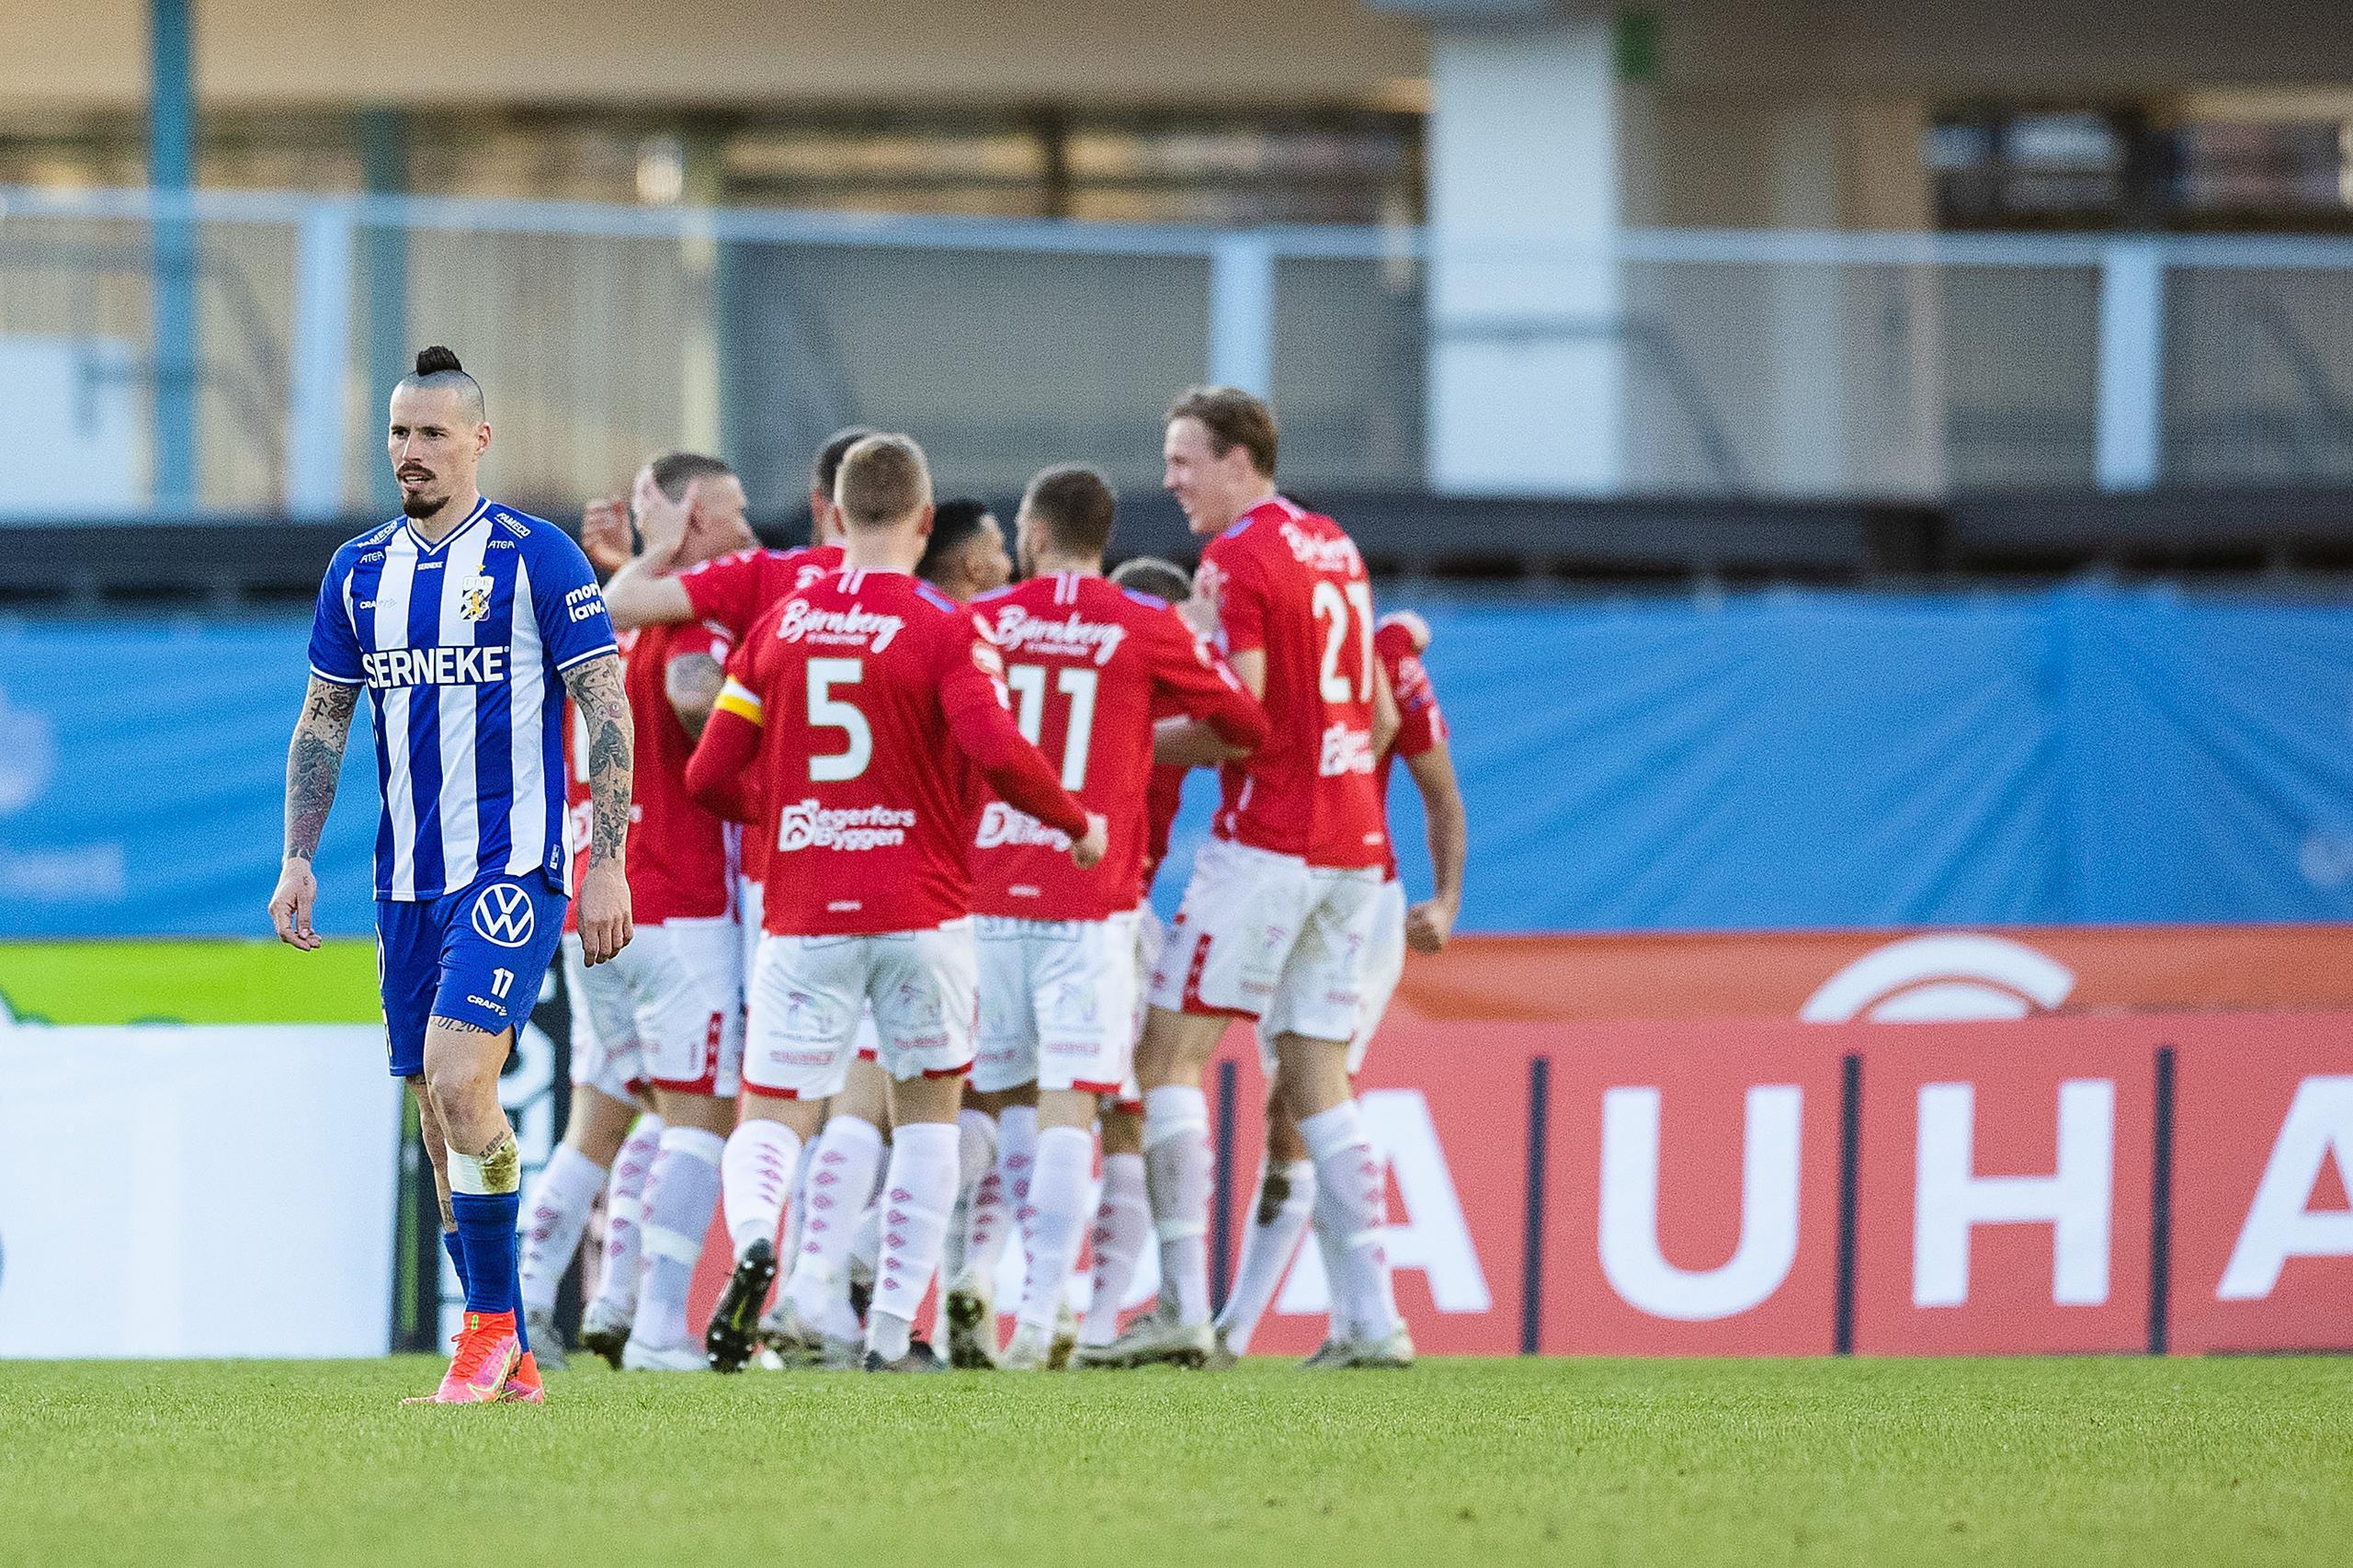 Försvarshaveri när IFK Göteborg föll mot Degerfors